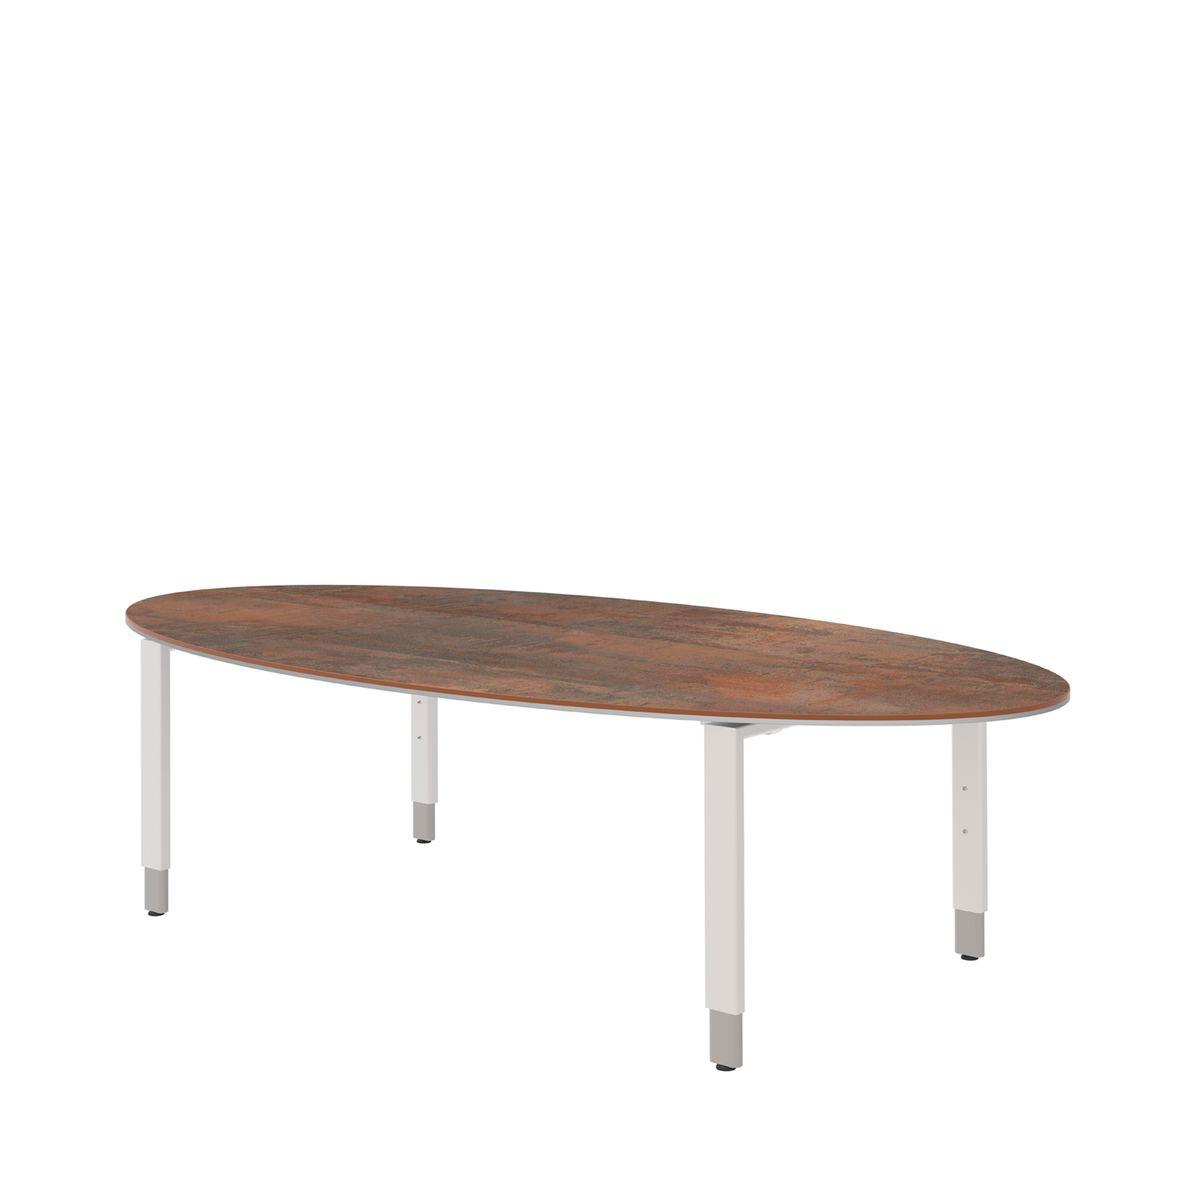 schreibtisch teqstyle 4 fu oval b 2200 x t 1100 x h. Black Bedroom Furniture Sets. Home Design Ideas